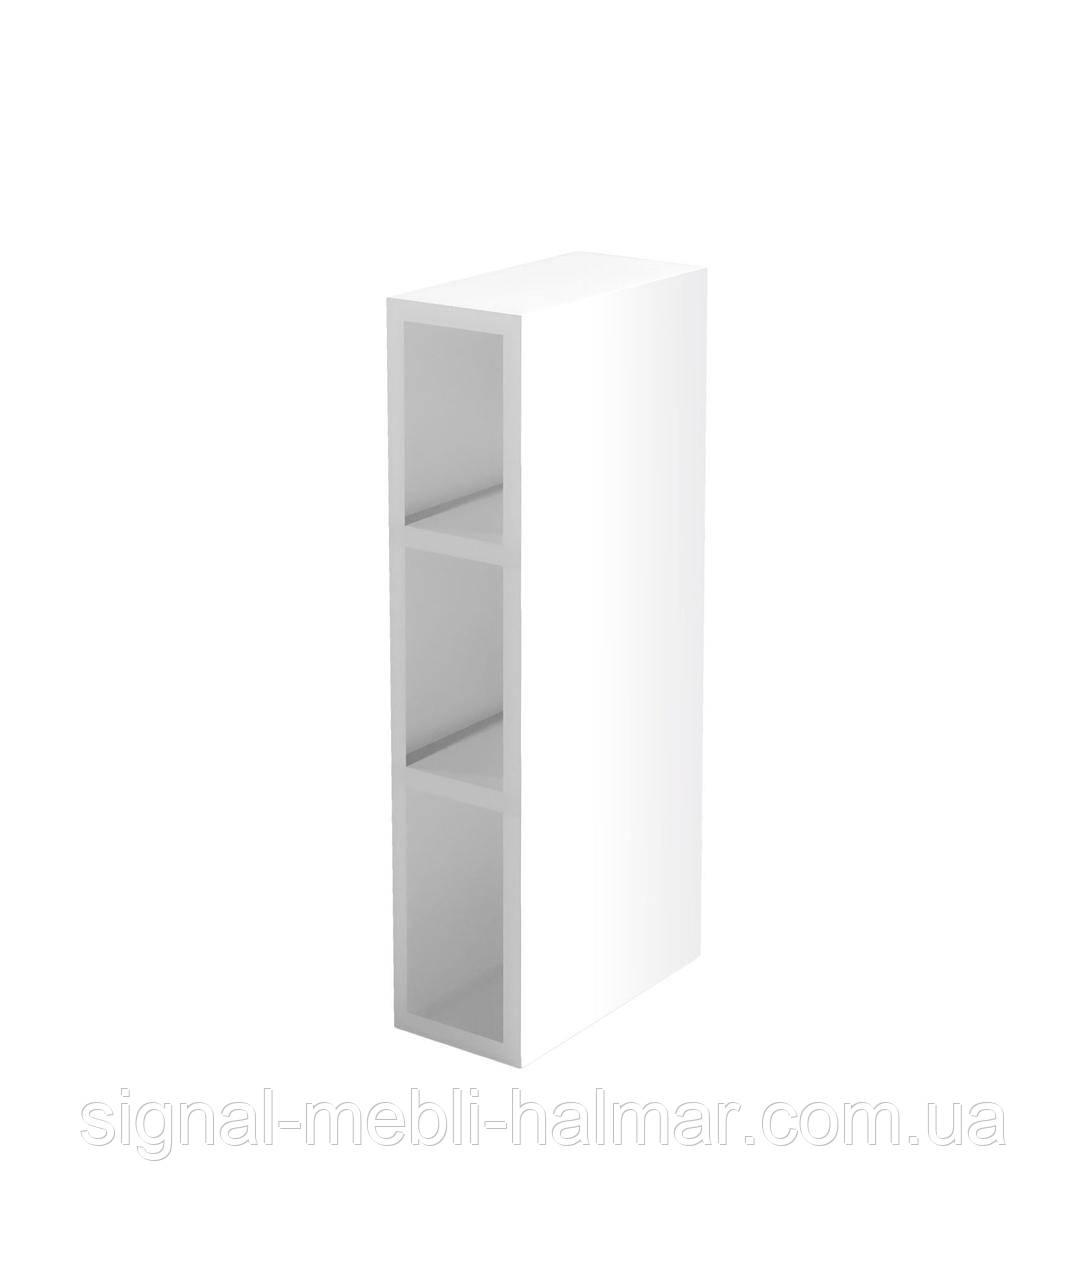 Кухонный шкаф Vento G-15/72 Halmar